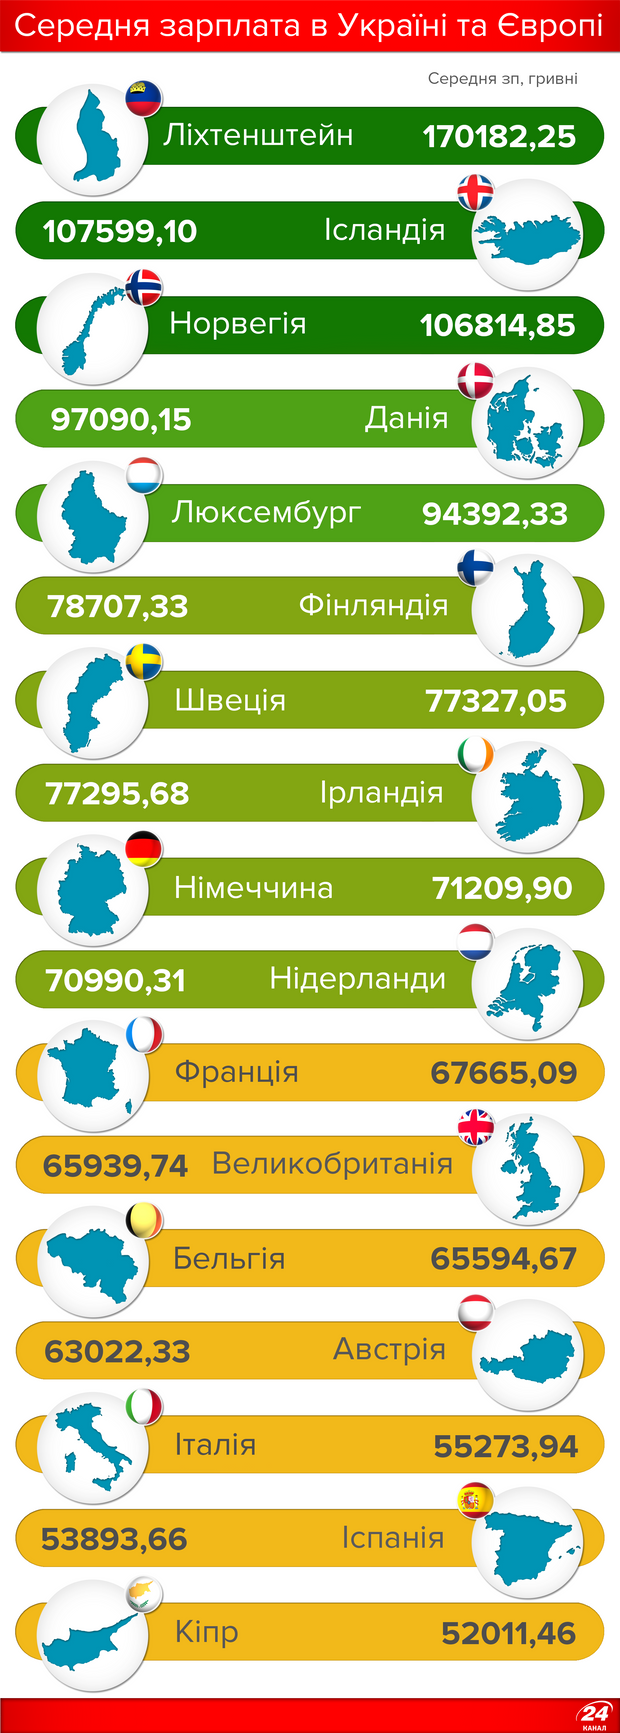 Середня зарплата в Україні та Європі